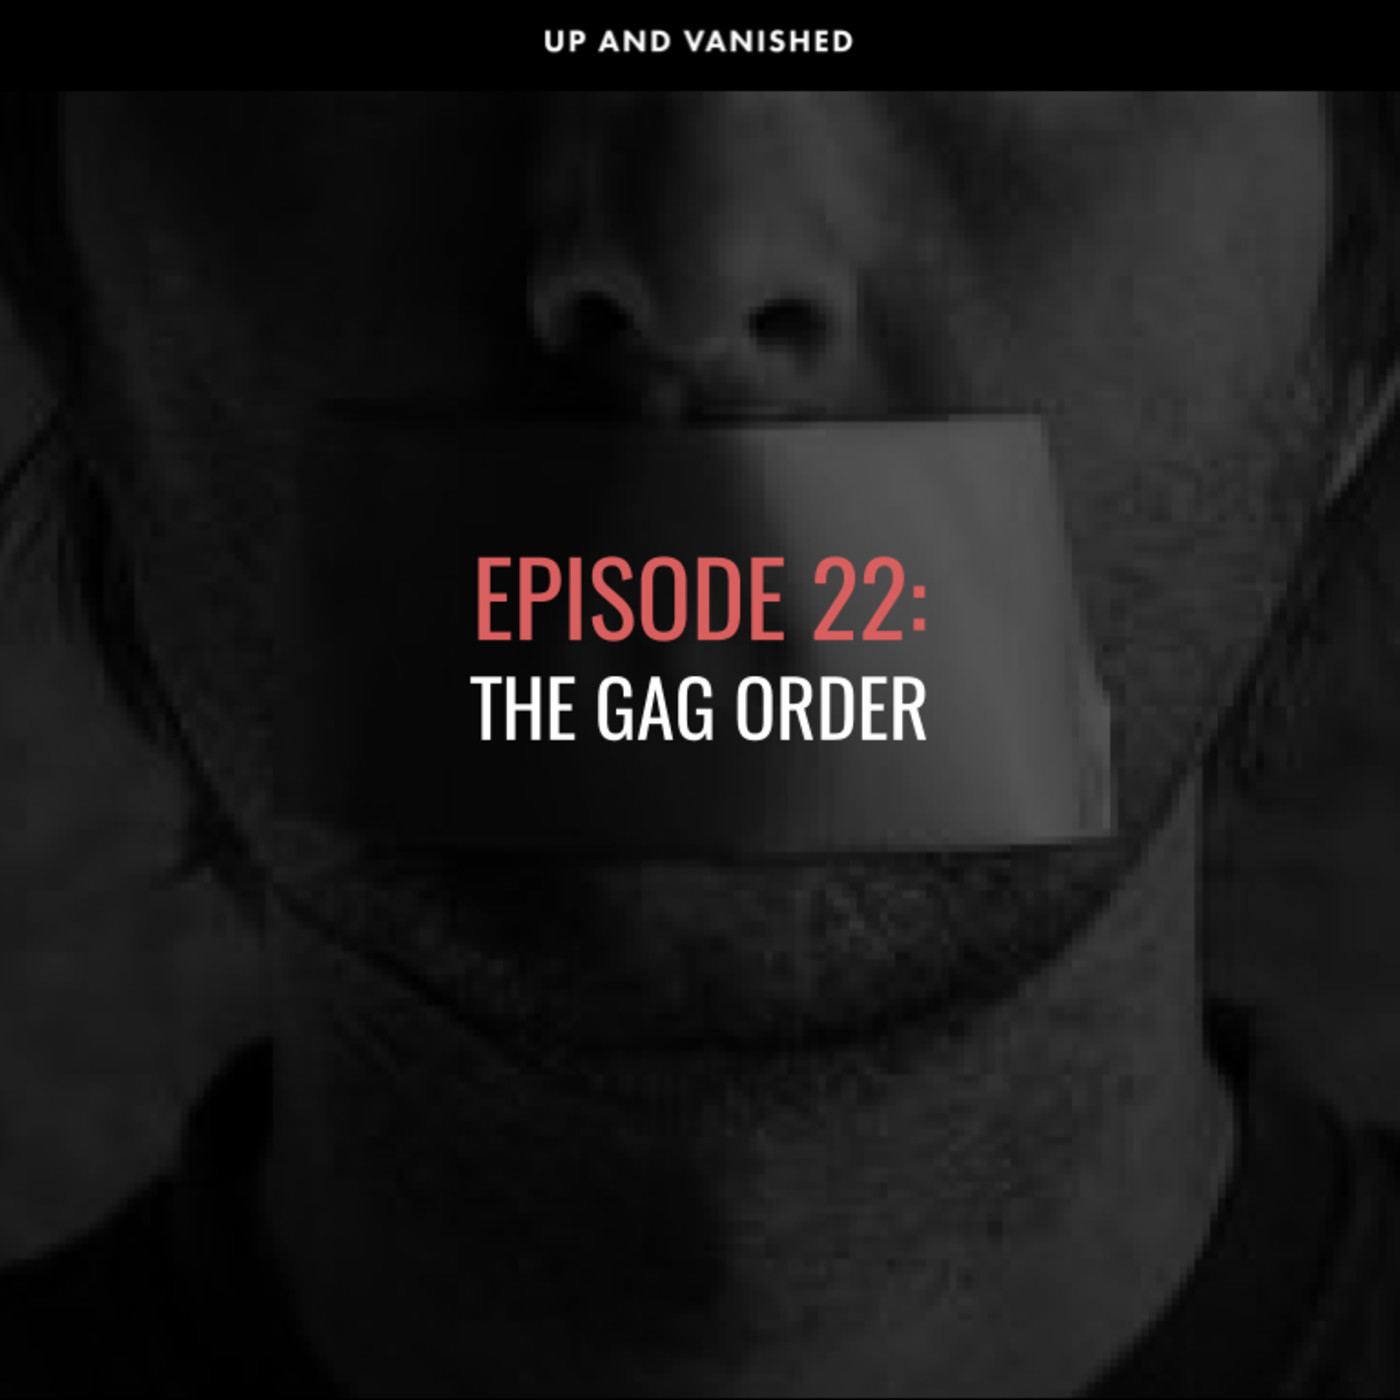 S1E22: The Gag Order